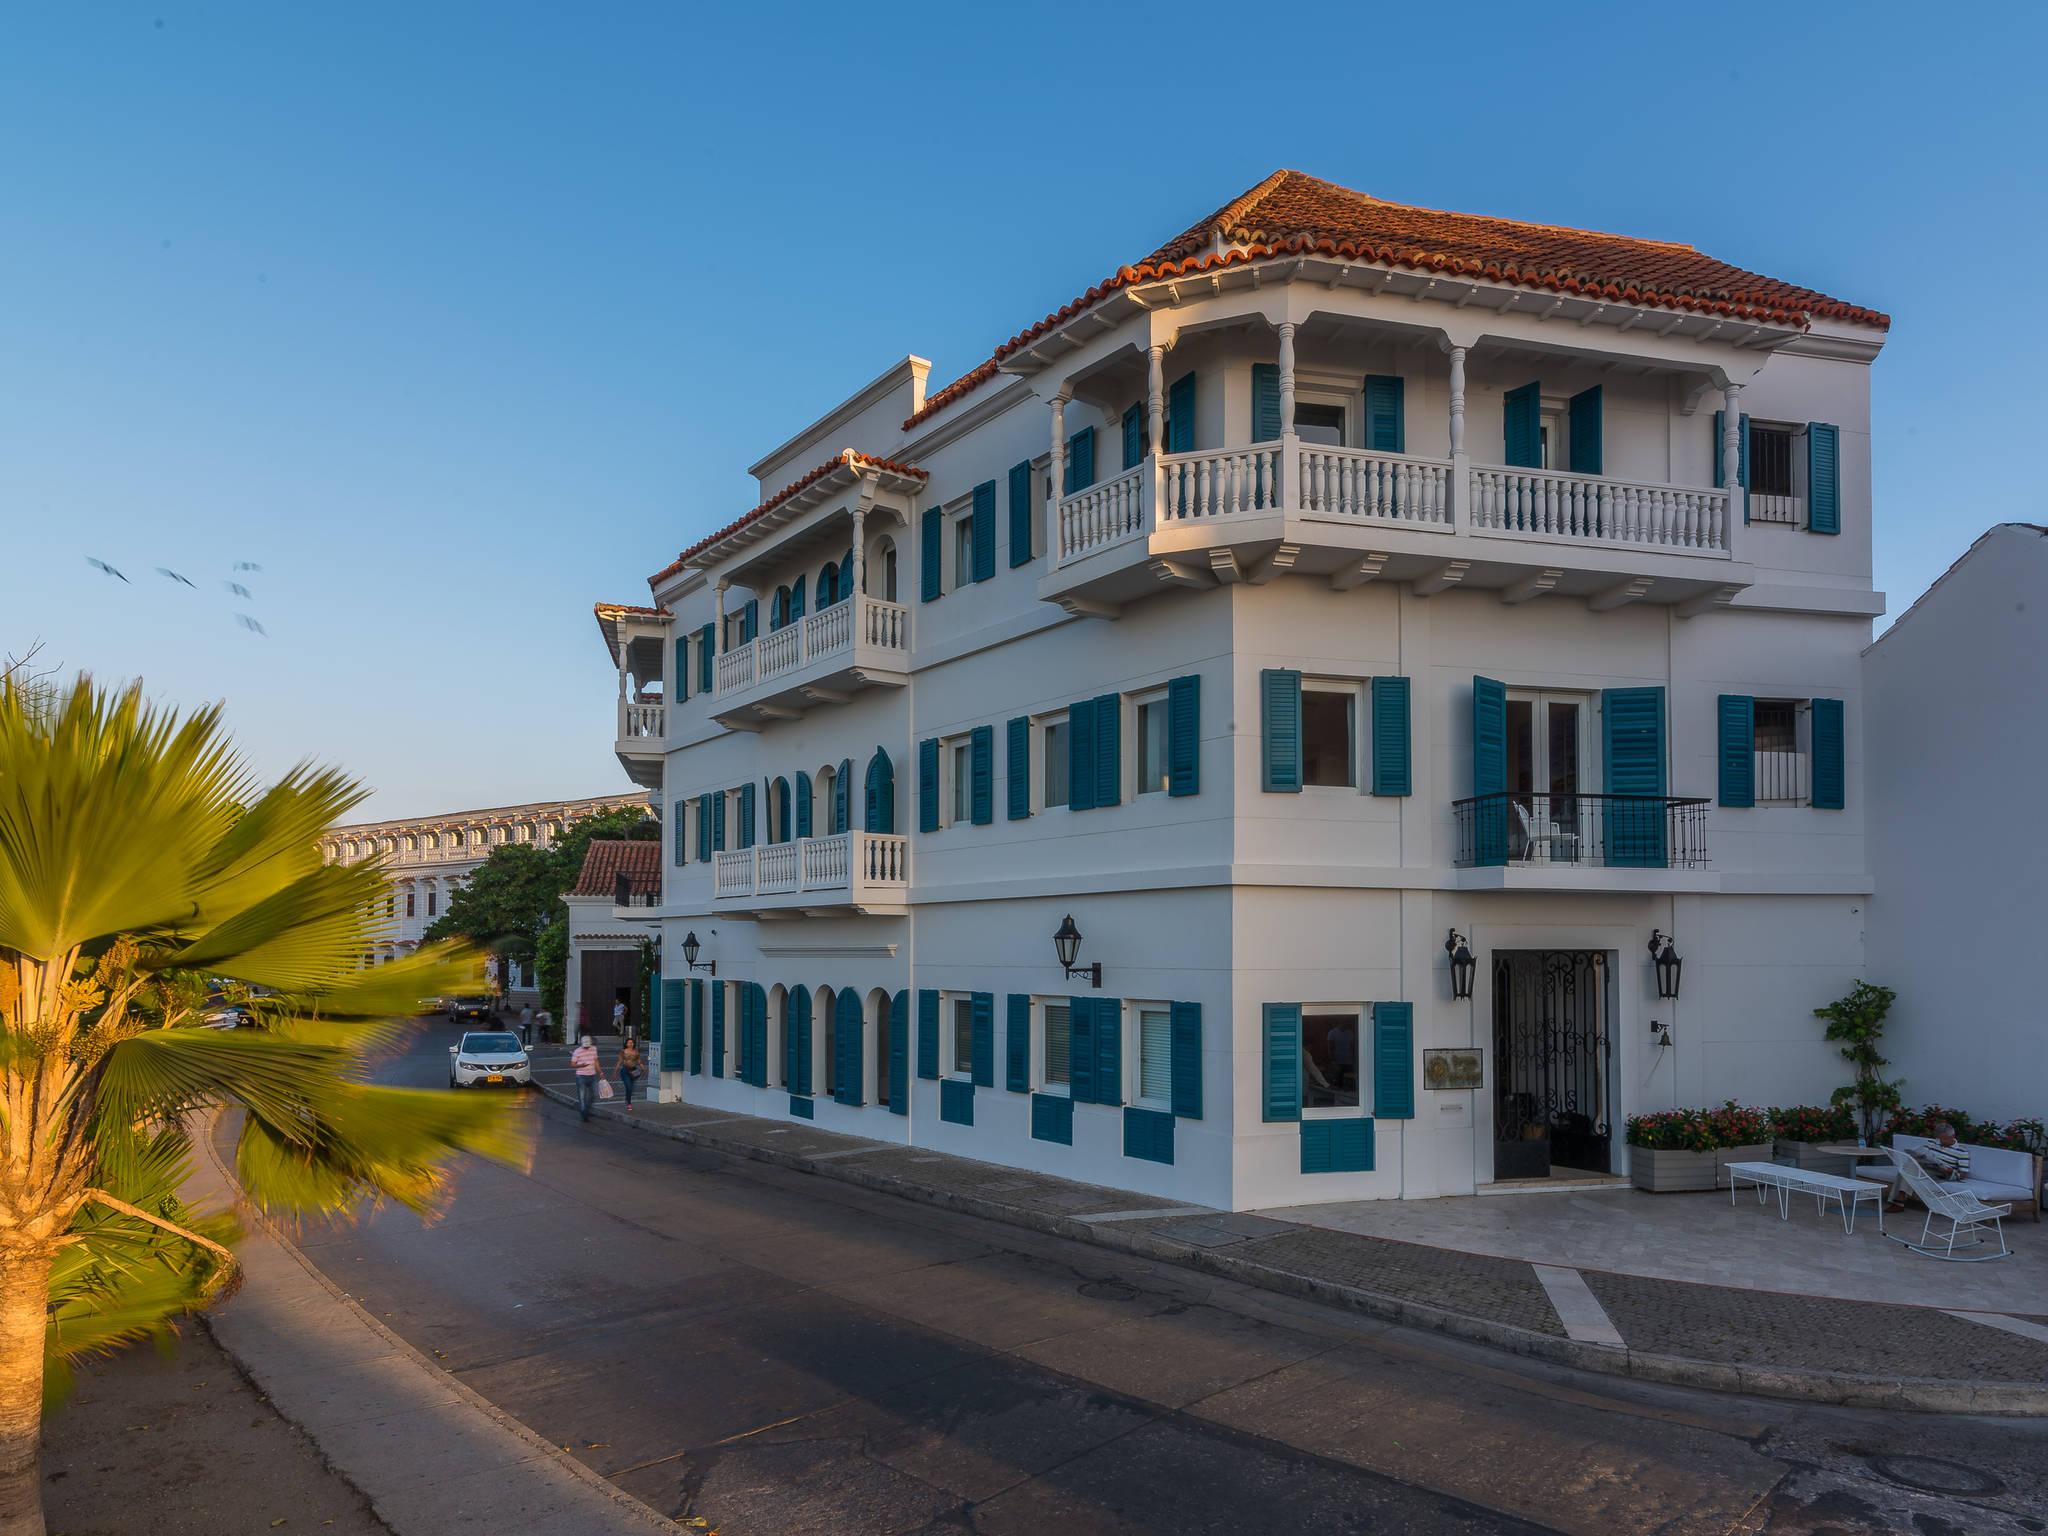 Otel – Hotel Boutique Bovedas de Santa Clara